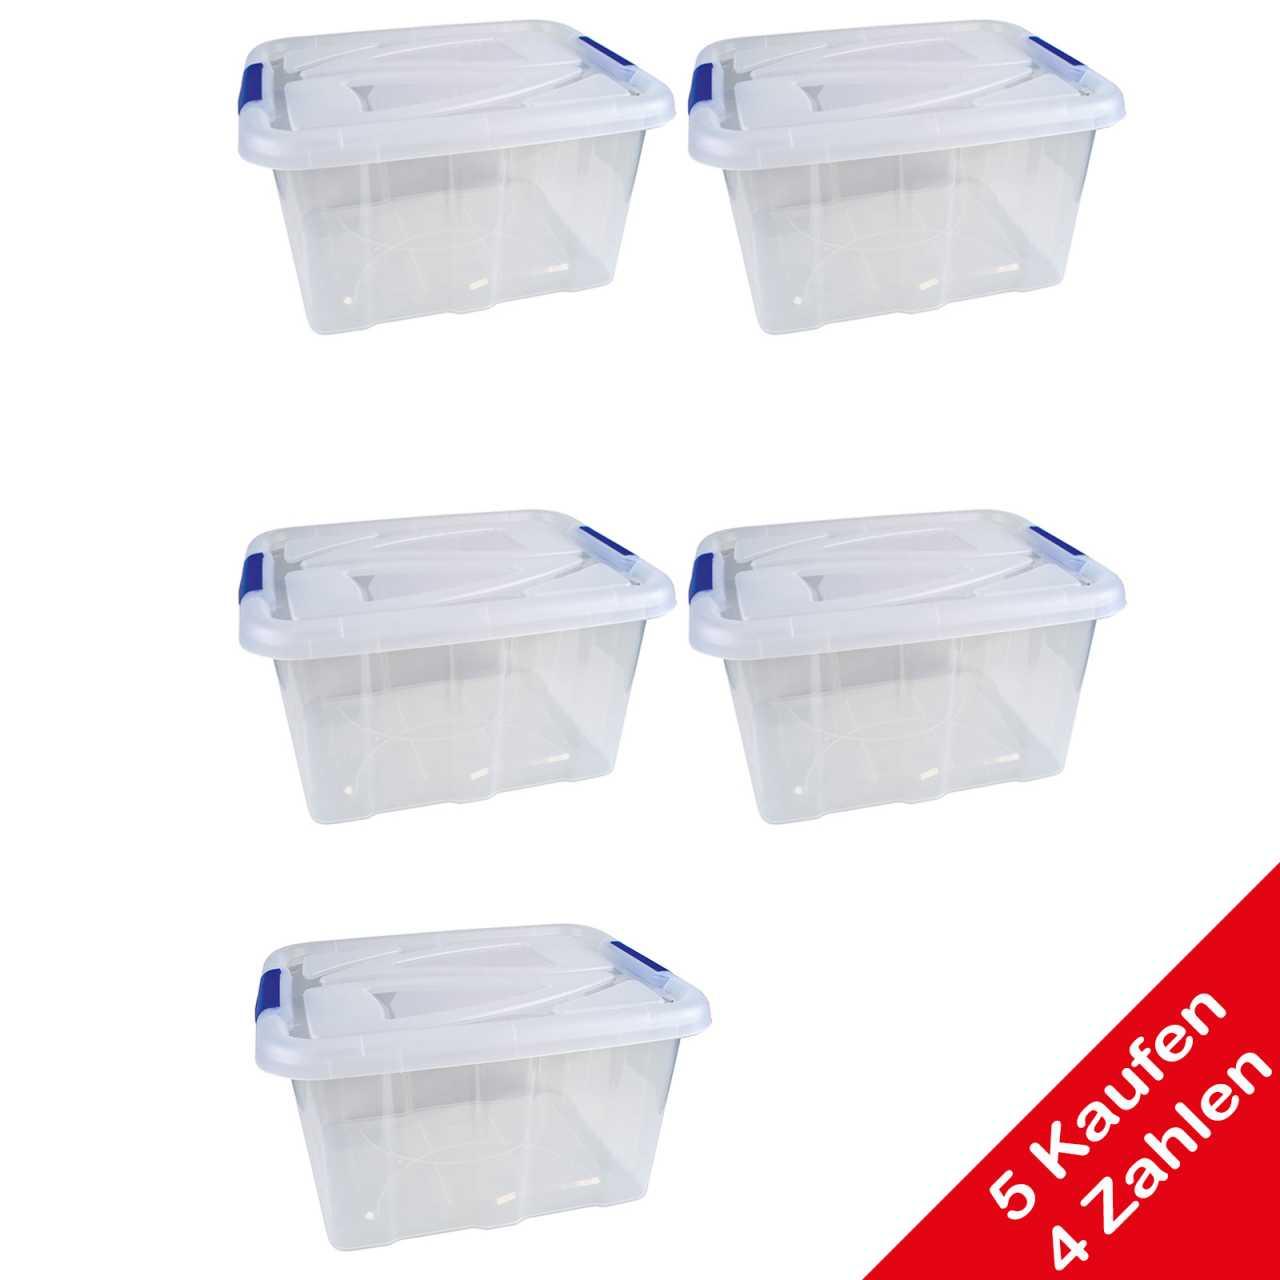 Aktion: 5 Kaufen 4 Zahlen Stapelboxen mit Deckel 30 Liter